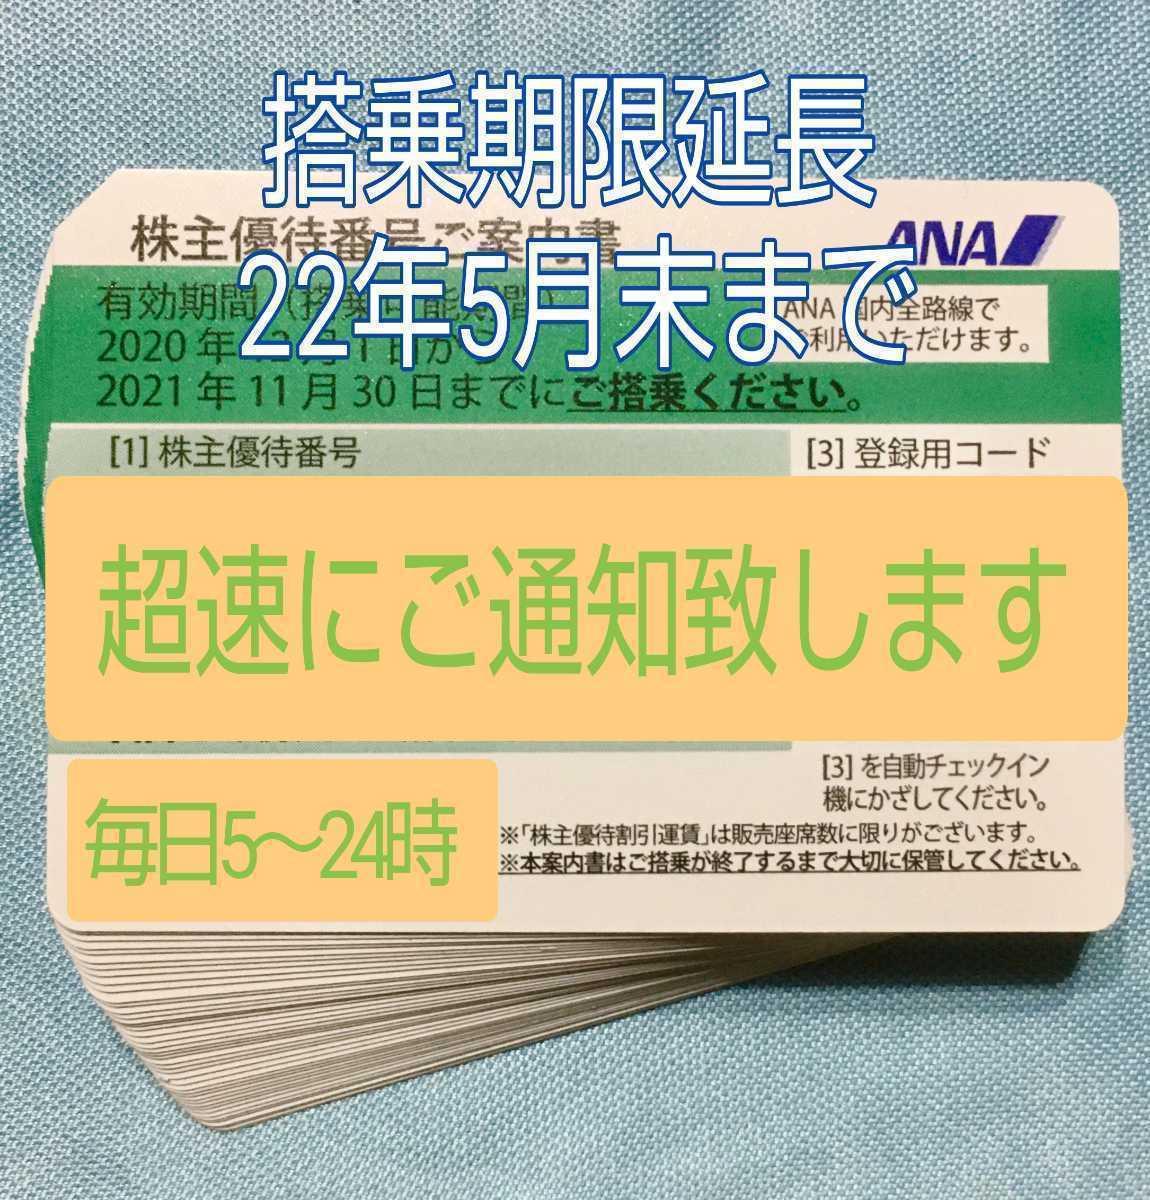 いつでも超速10分 番号通知 使用保証 ANA 全日空 株主優待券 5月末期限 1枚 2枚 3枚 4枚 5枚 6枚 7枚 8枚 9枚 国内航空券50%引 送付なし_画像1